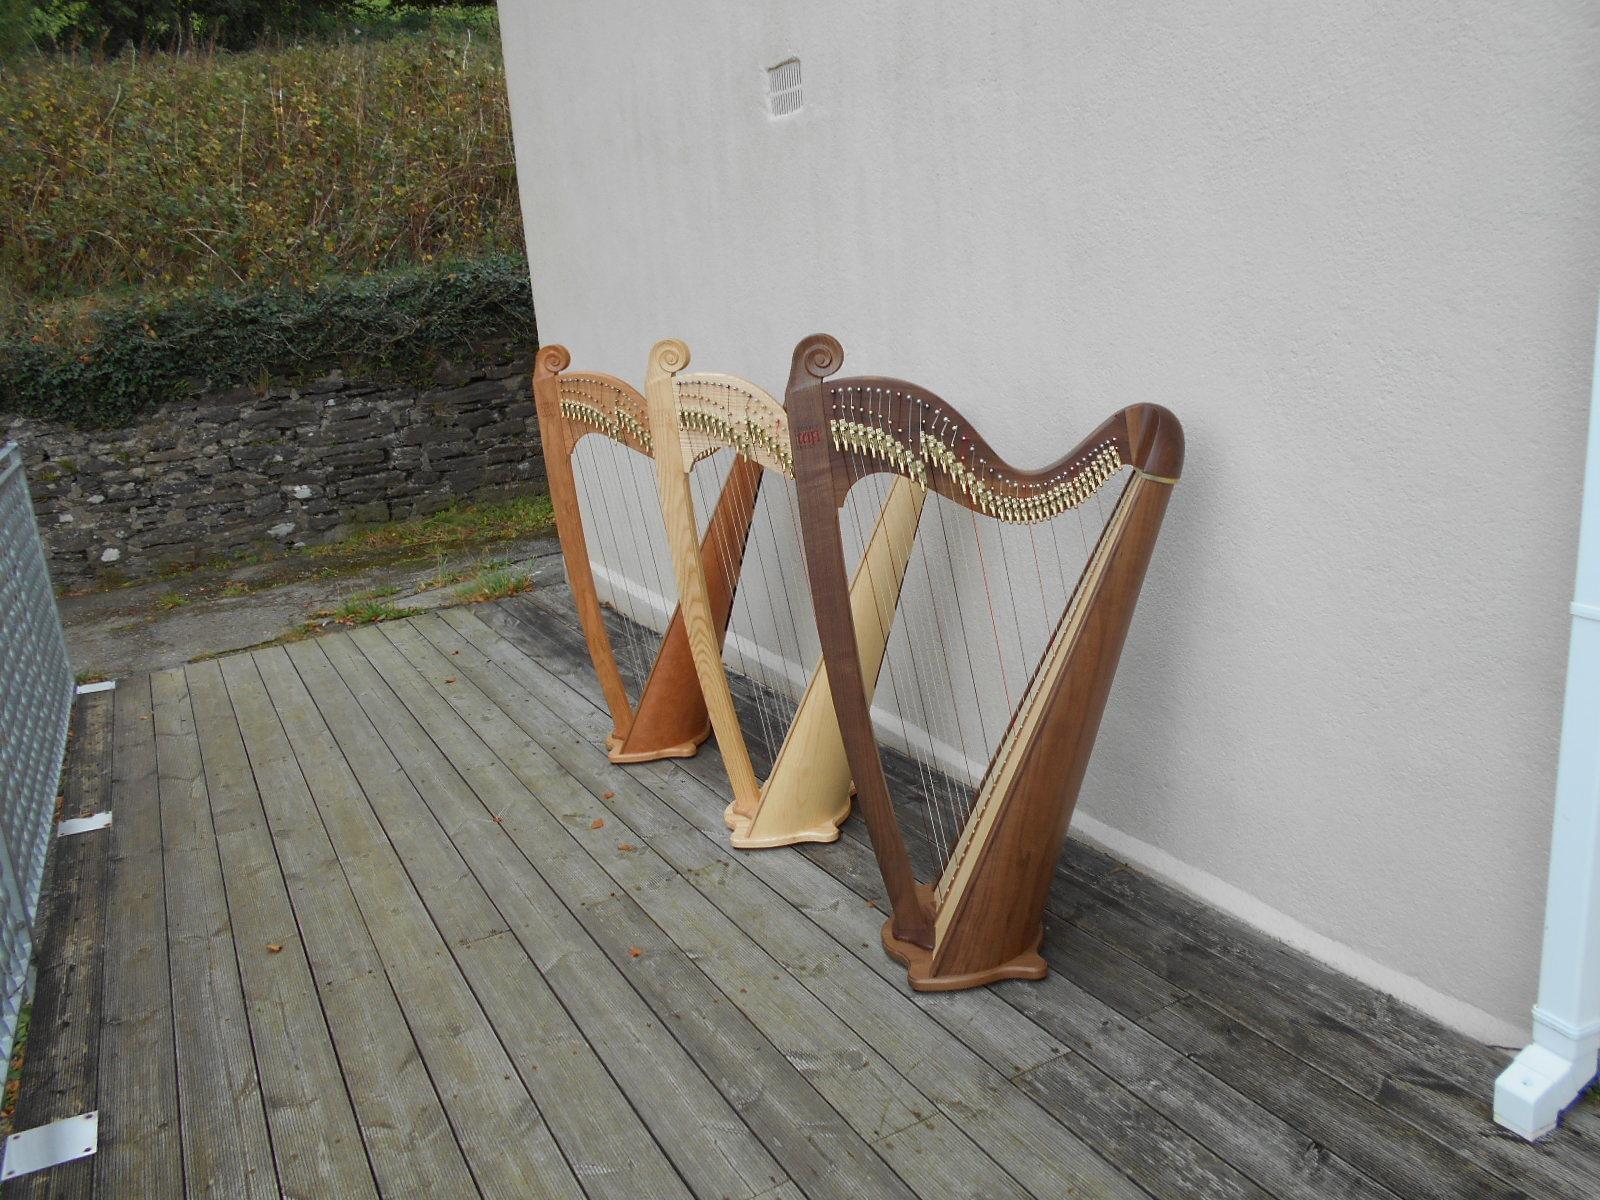 Japan harps